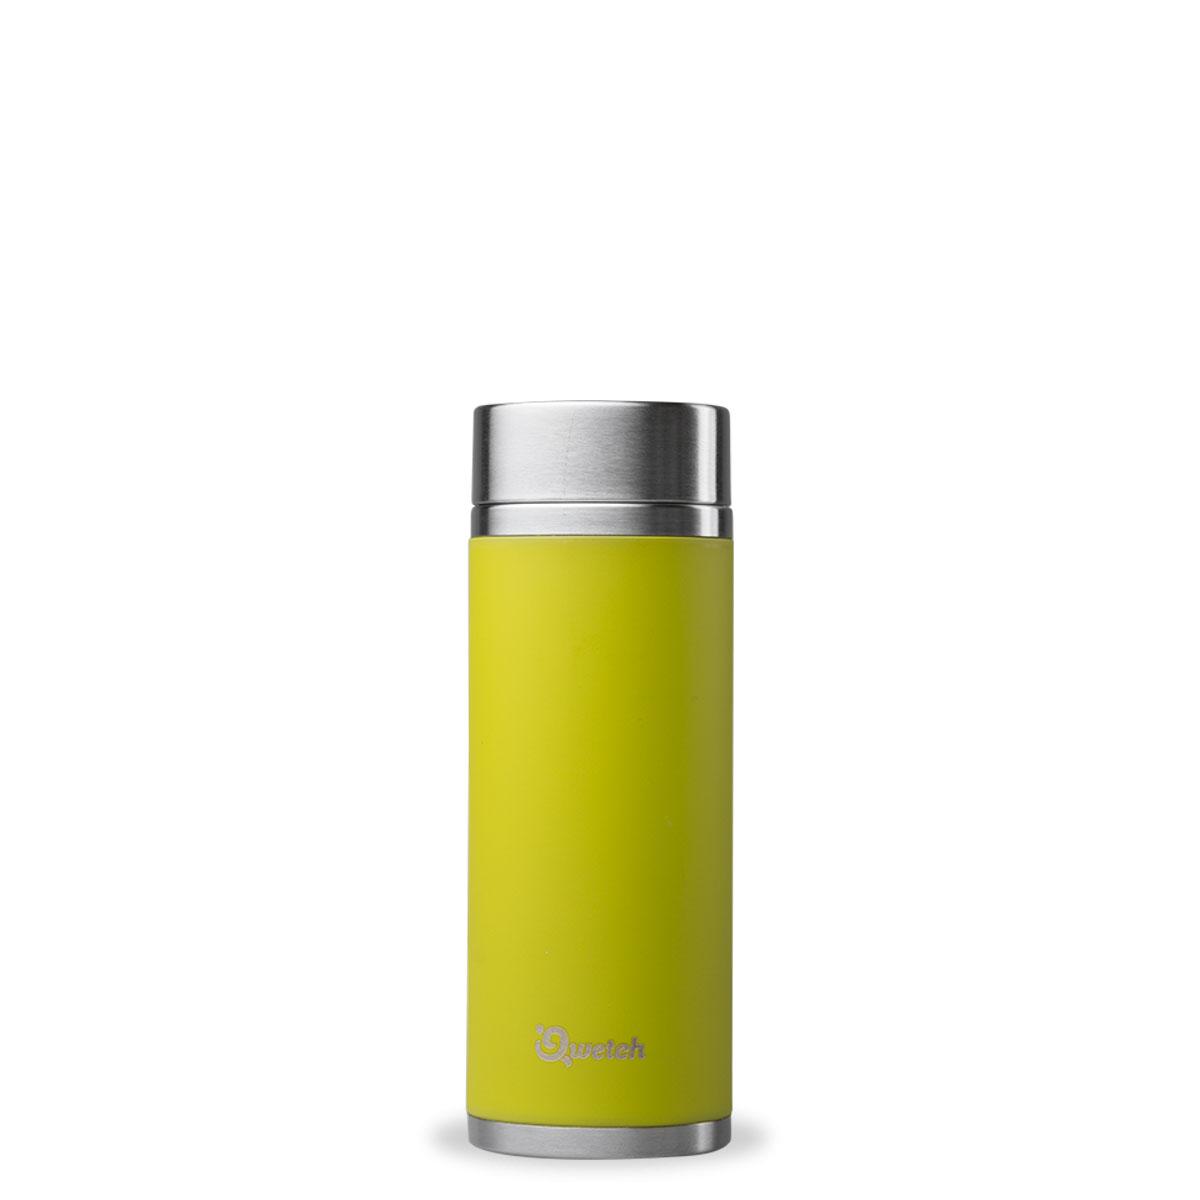 Doppelwandige Trinkflasche mit 2 Teefiltern 300ml aus Edelstahl von Qwetch